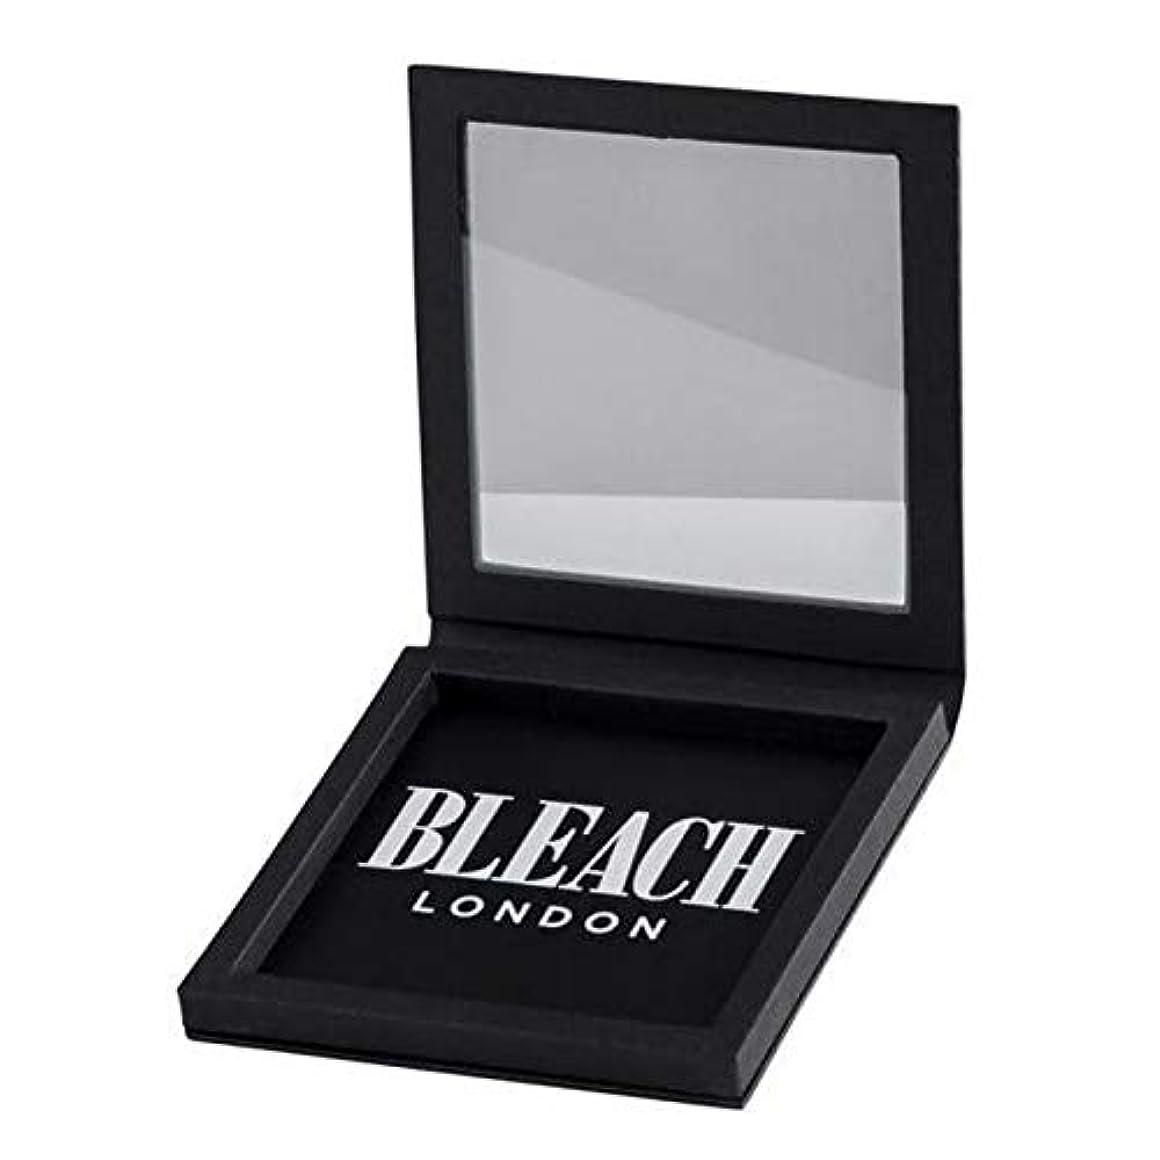 地雷原大事にするフック[Bleach London ] 小さなパレットByo漂白ロンドン - Bleach London BYO Palette Small [並行輸入品]